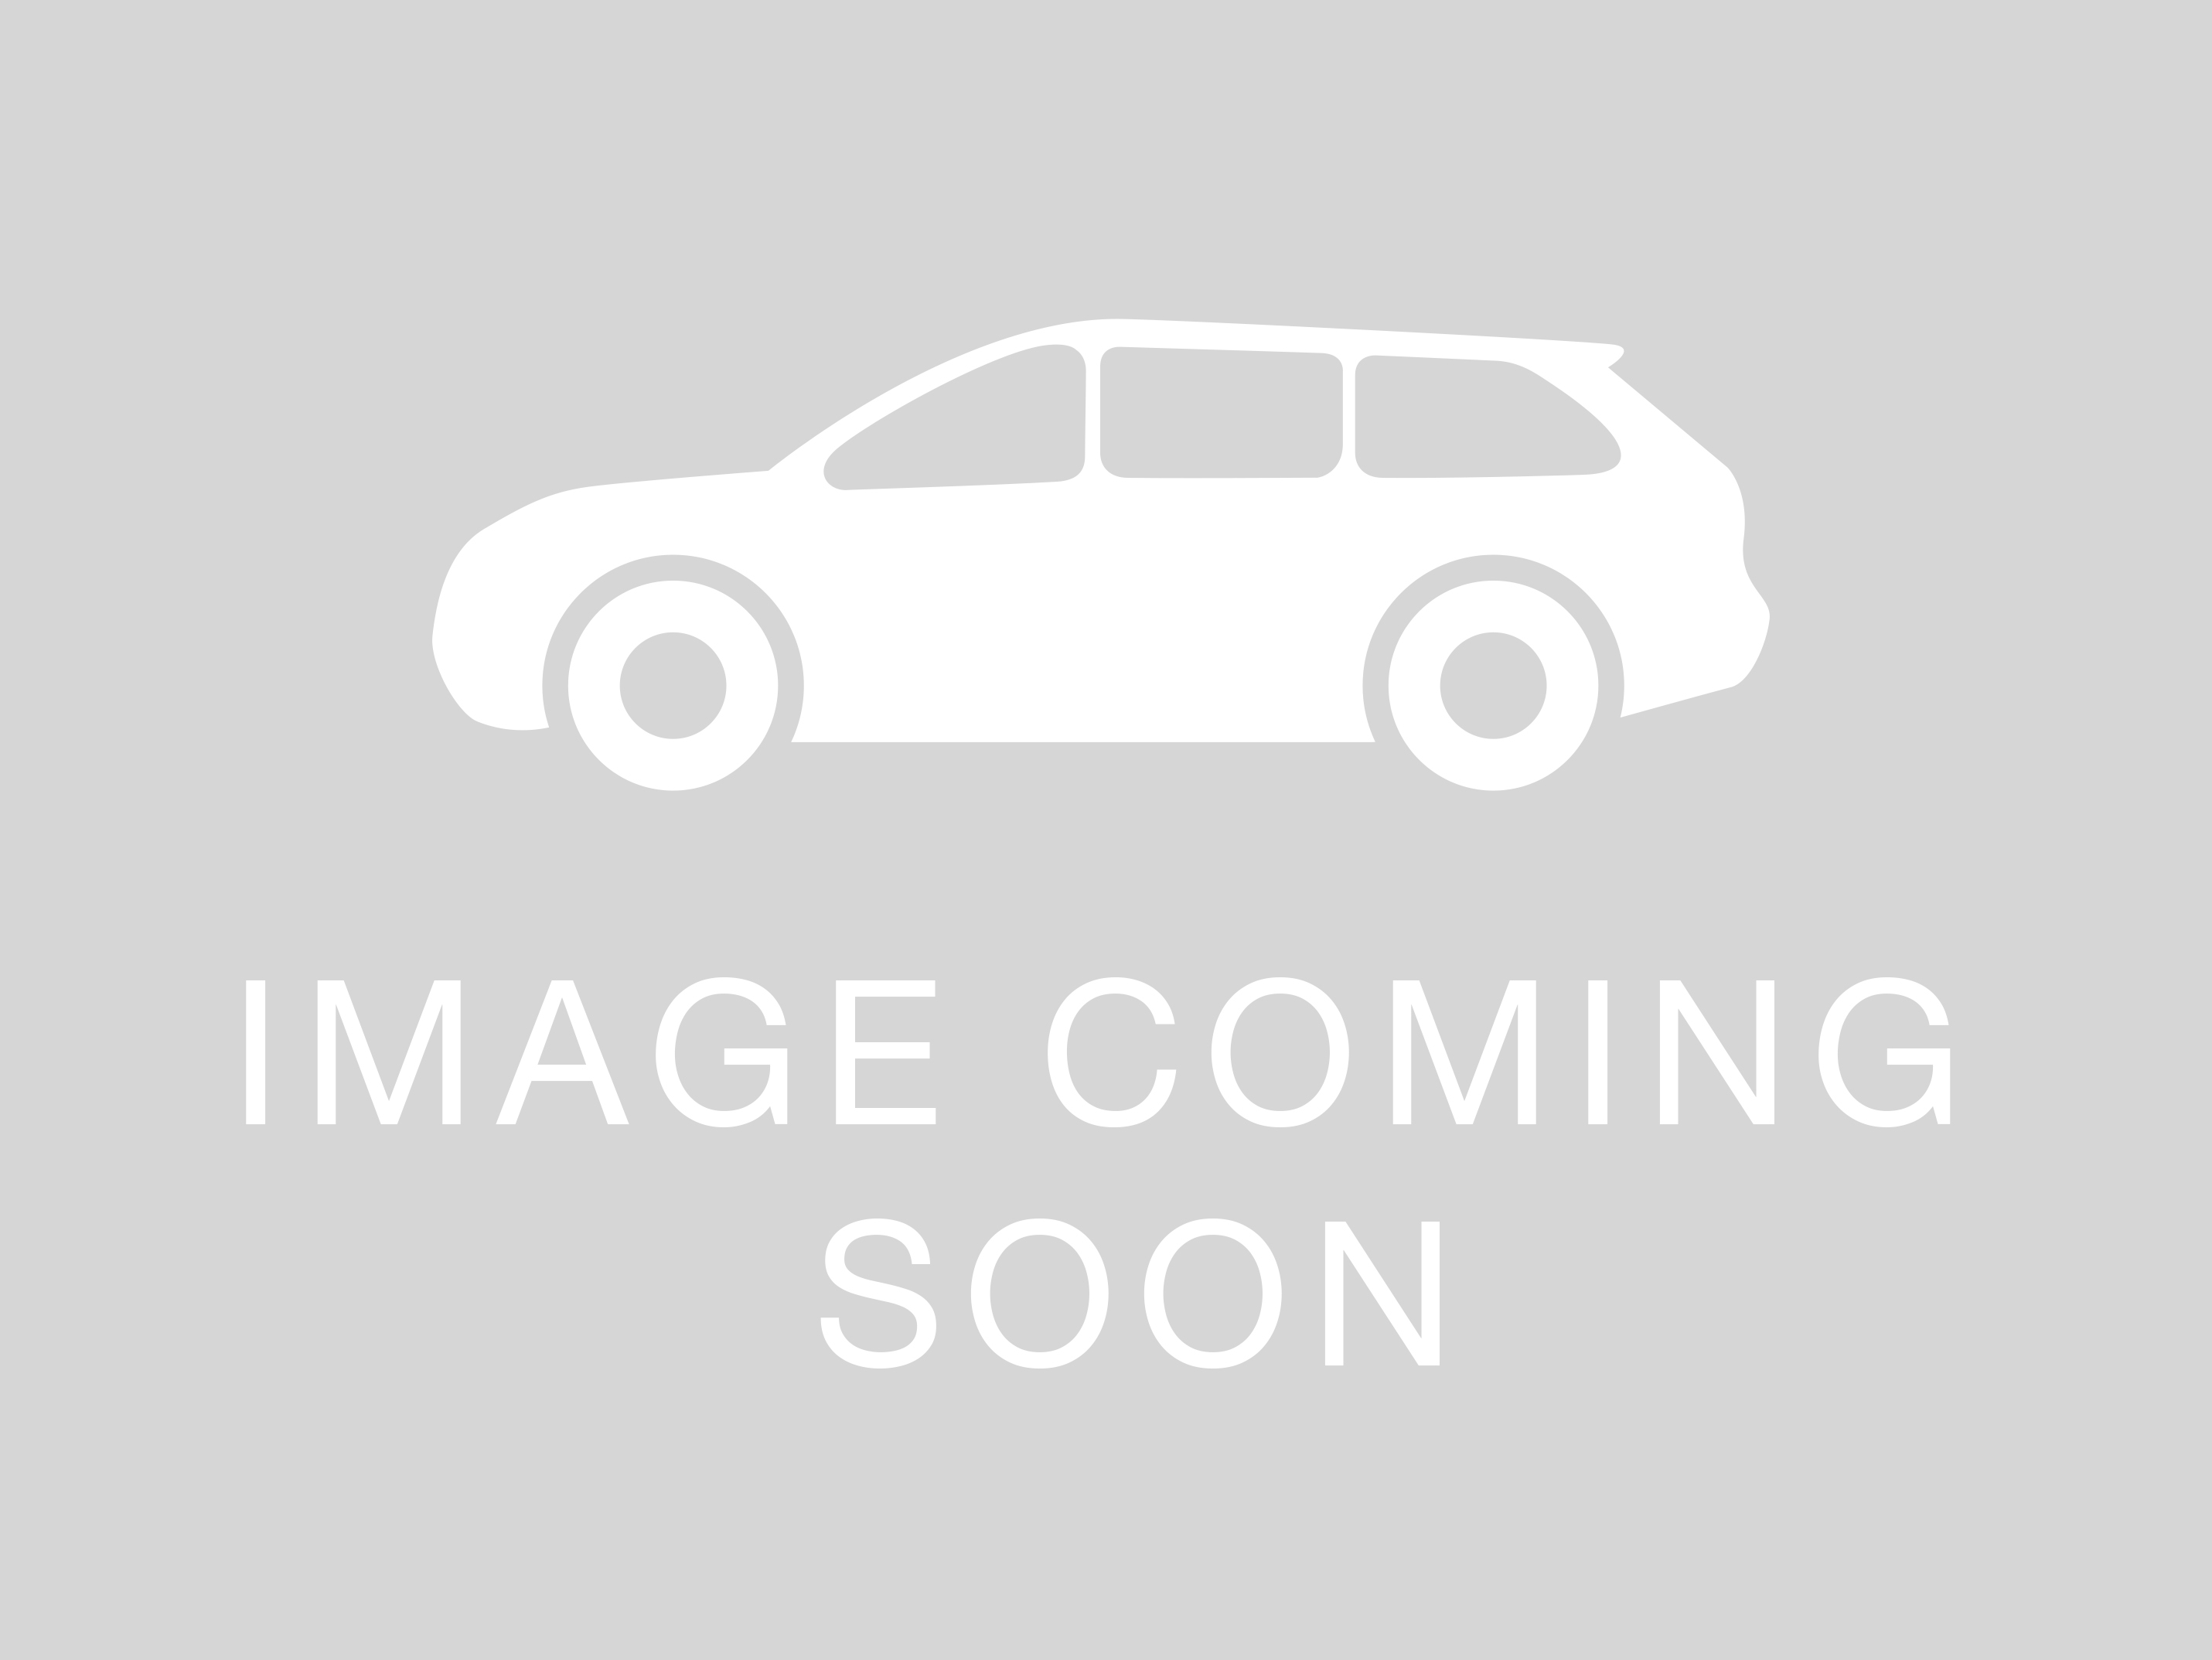 2018 Hyundai Veloster